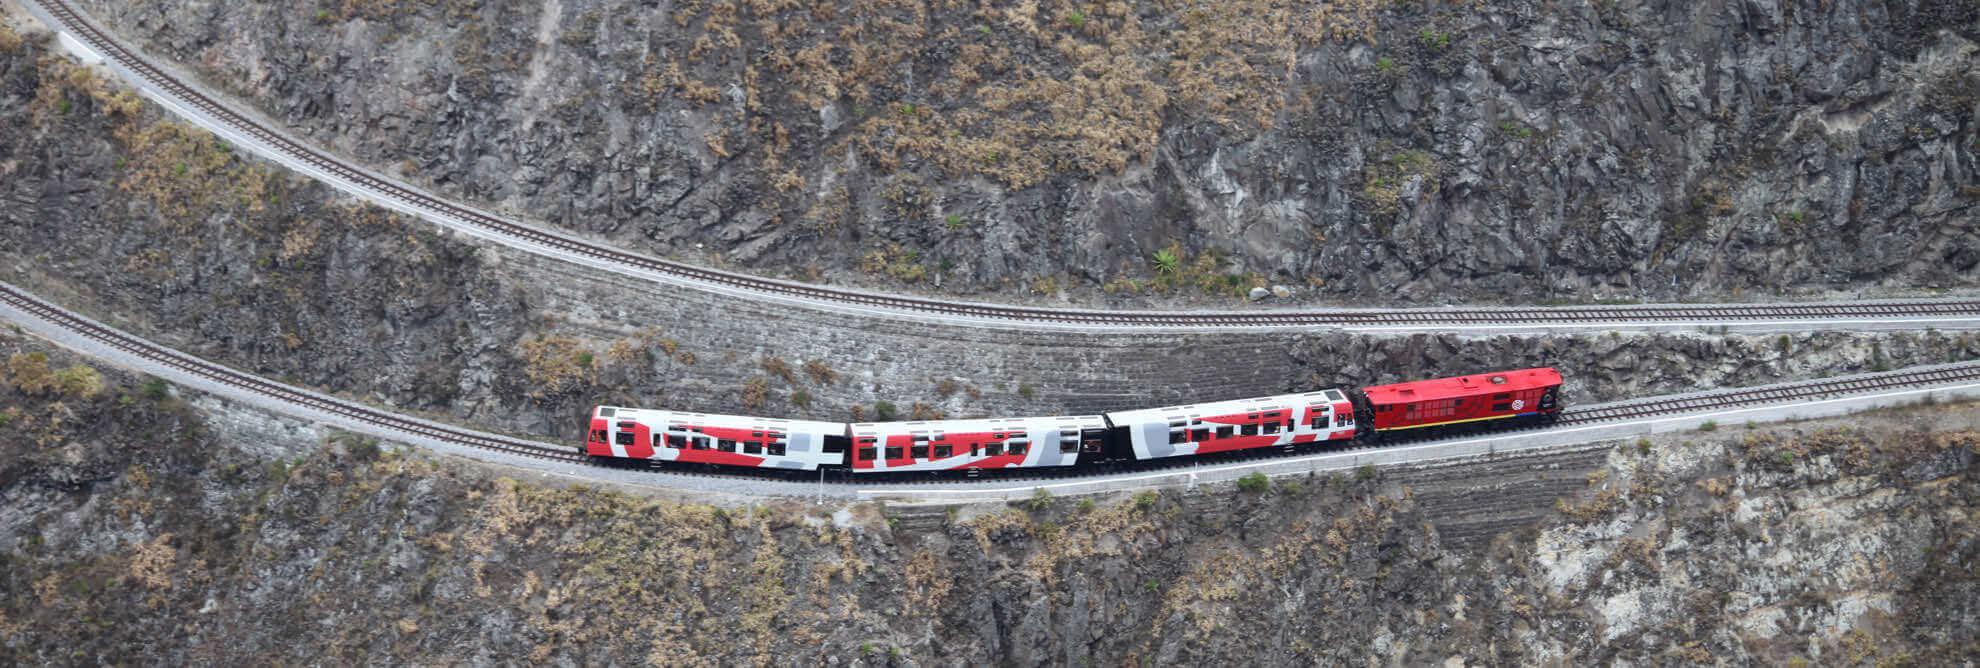 Andenbahn Teufelsnase Ecuador